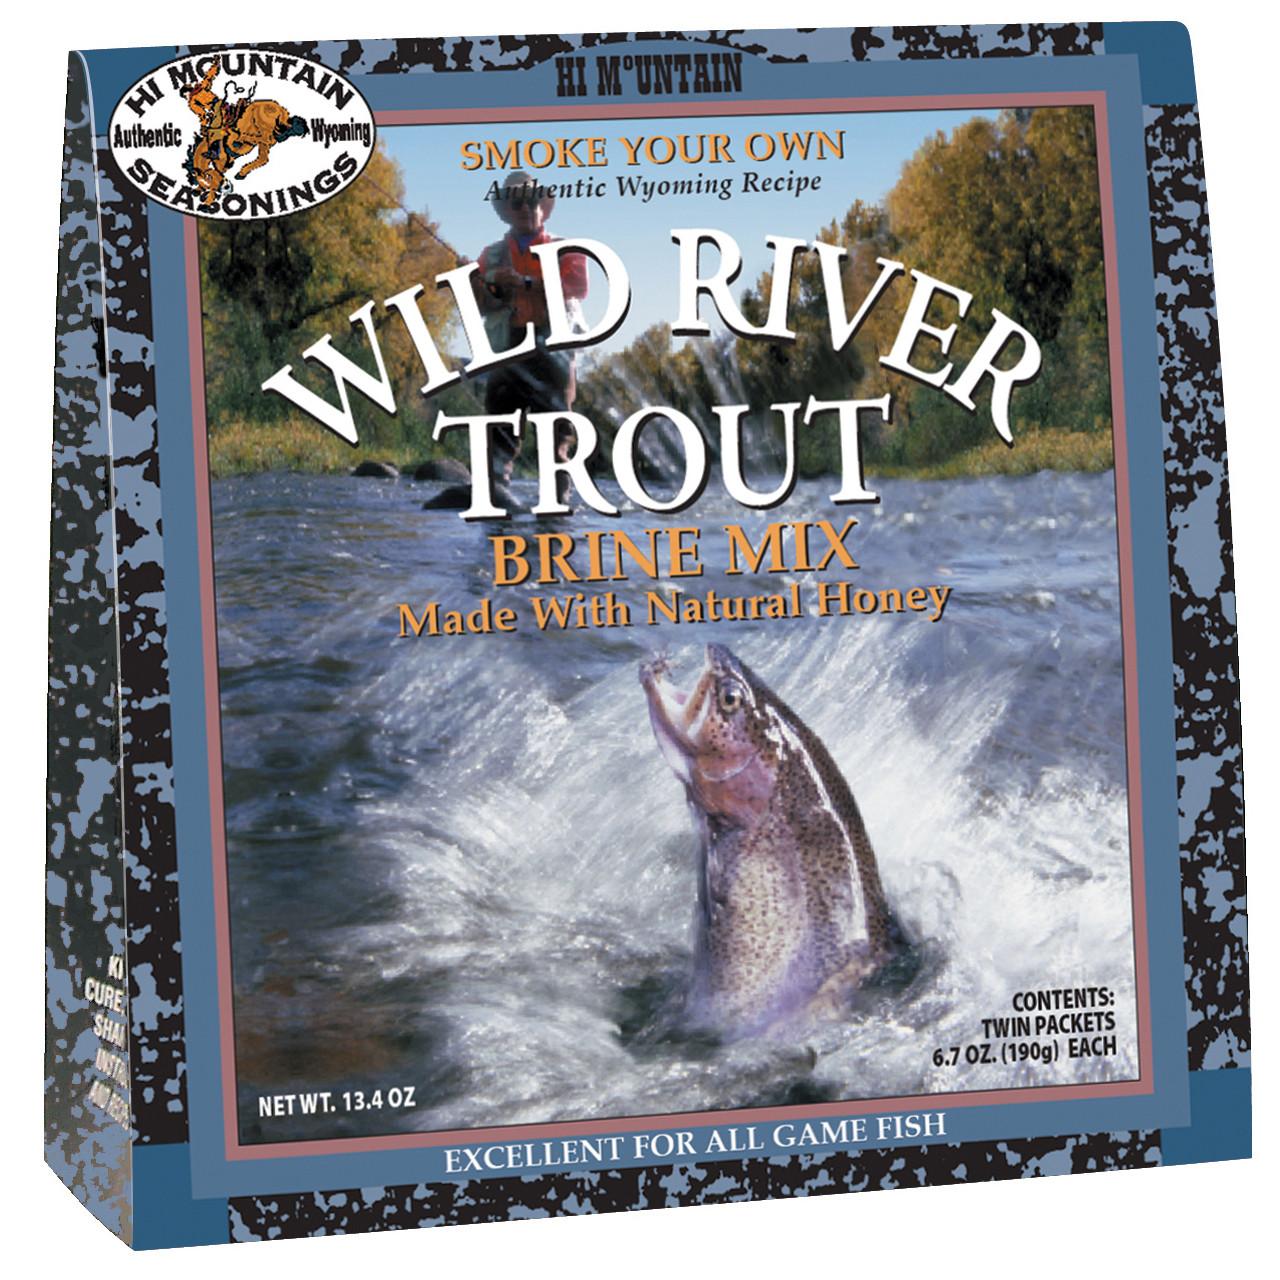 Wild River Trout Brine Mix